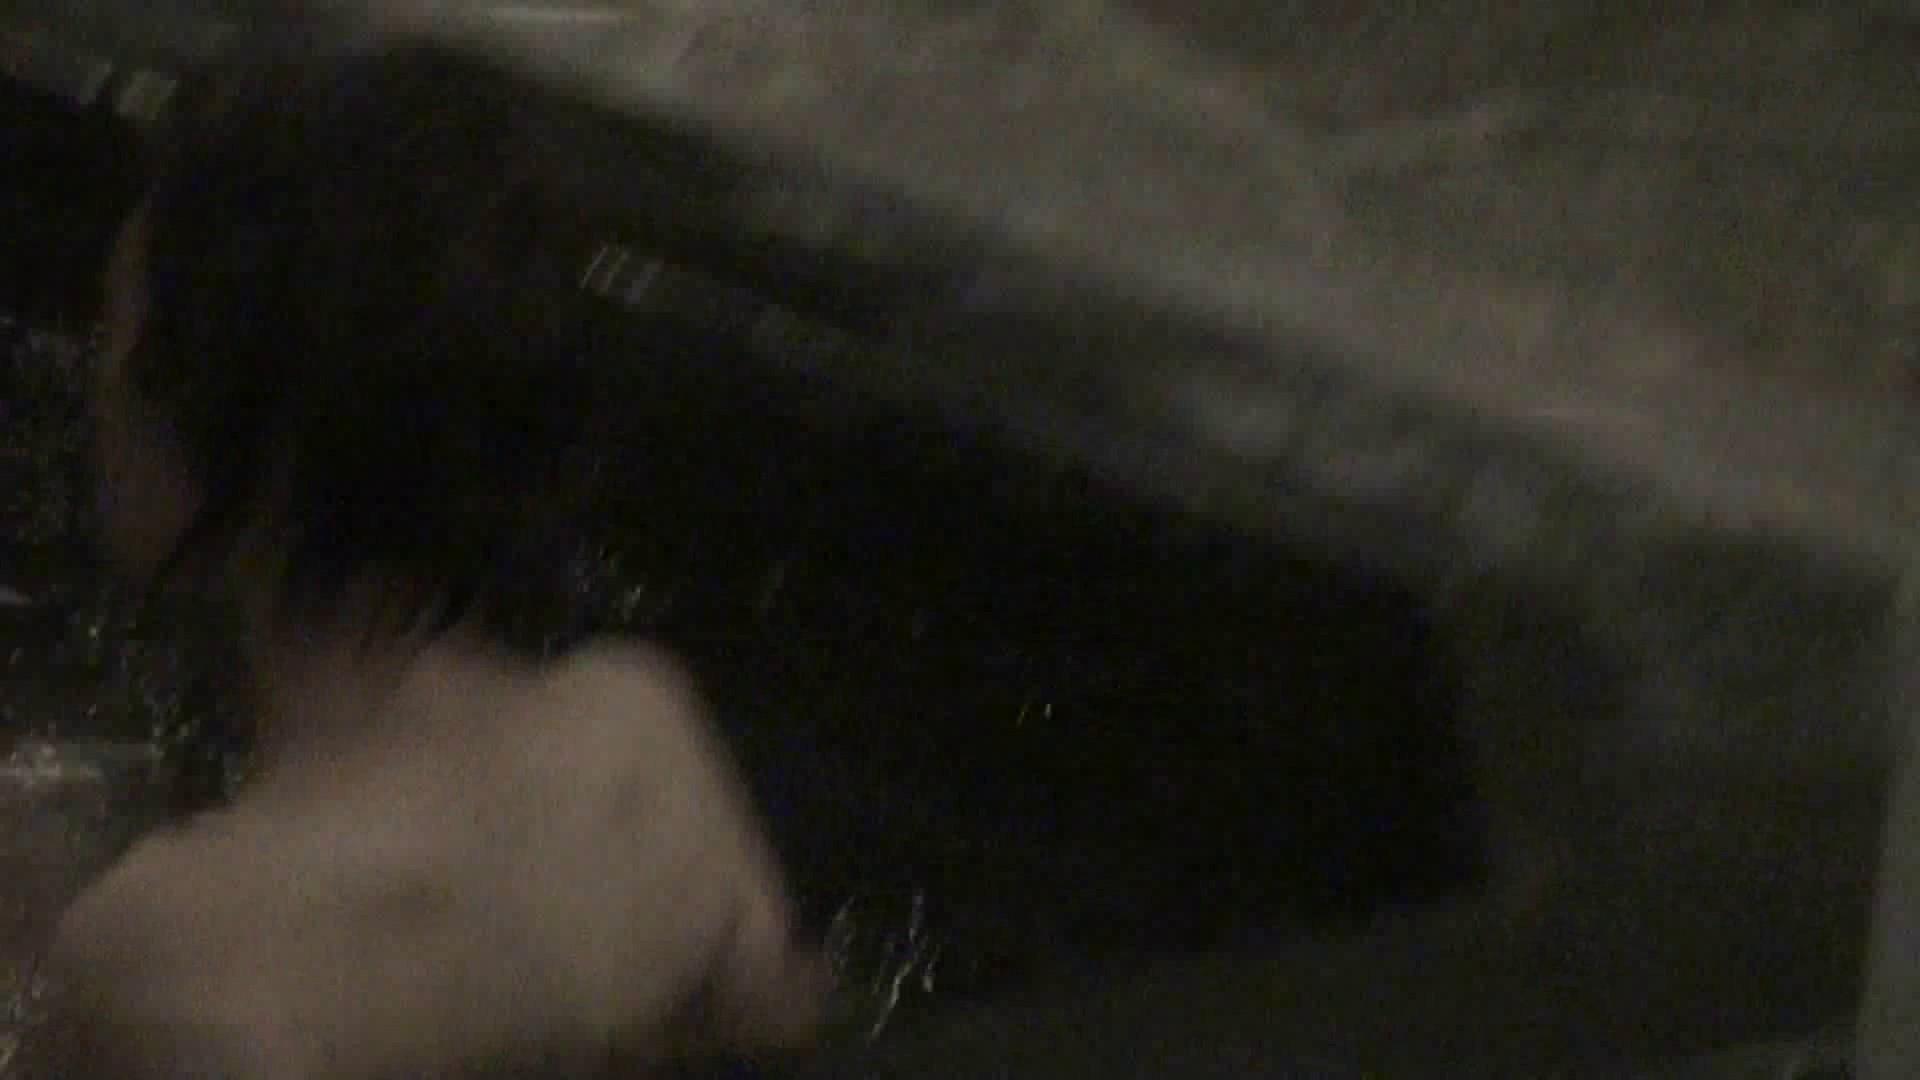 Aquaな露天風呂Vol.334 美しいOLの裸体  102pic 69